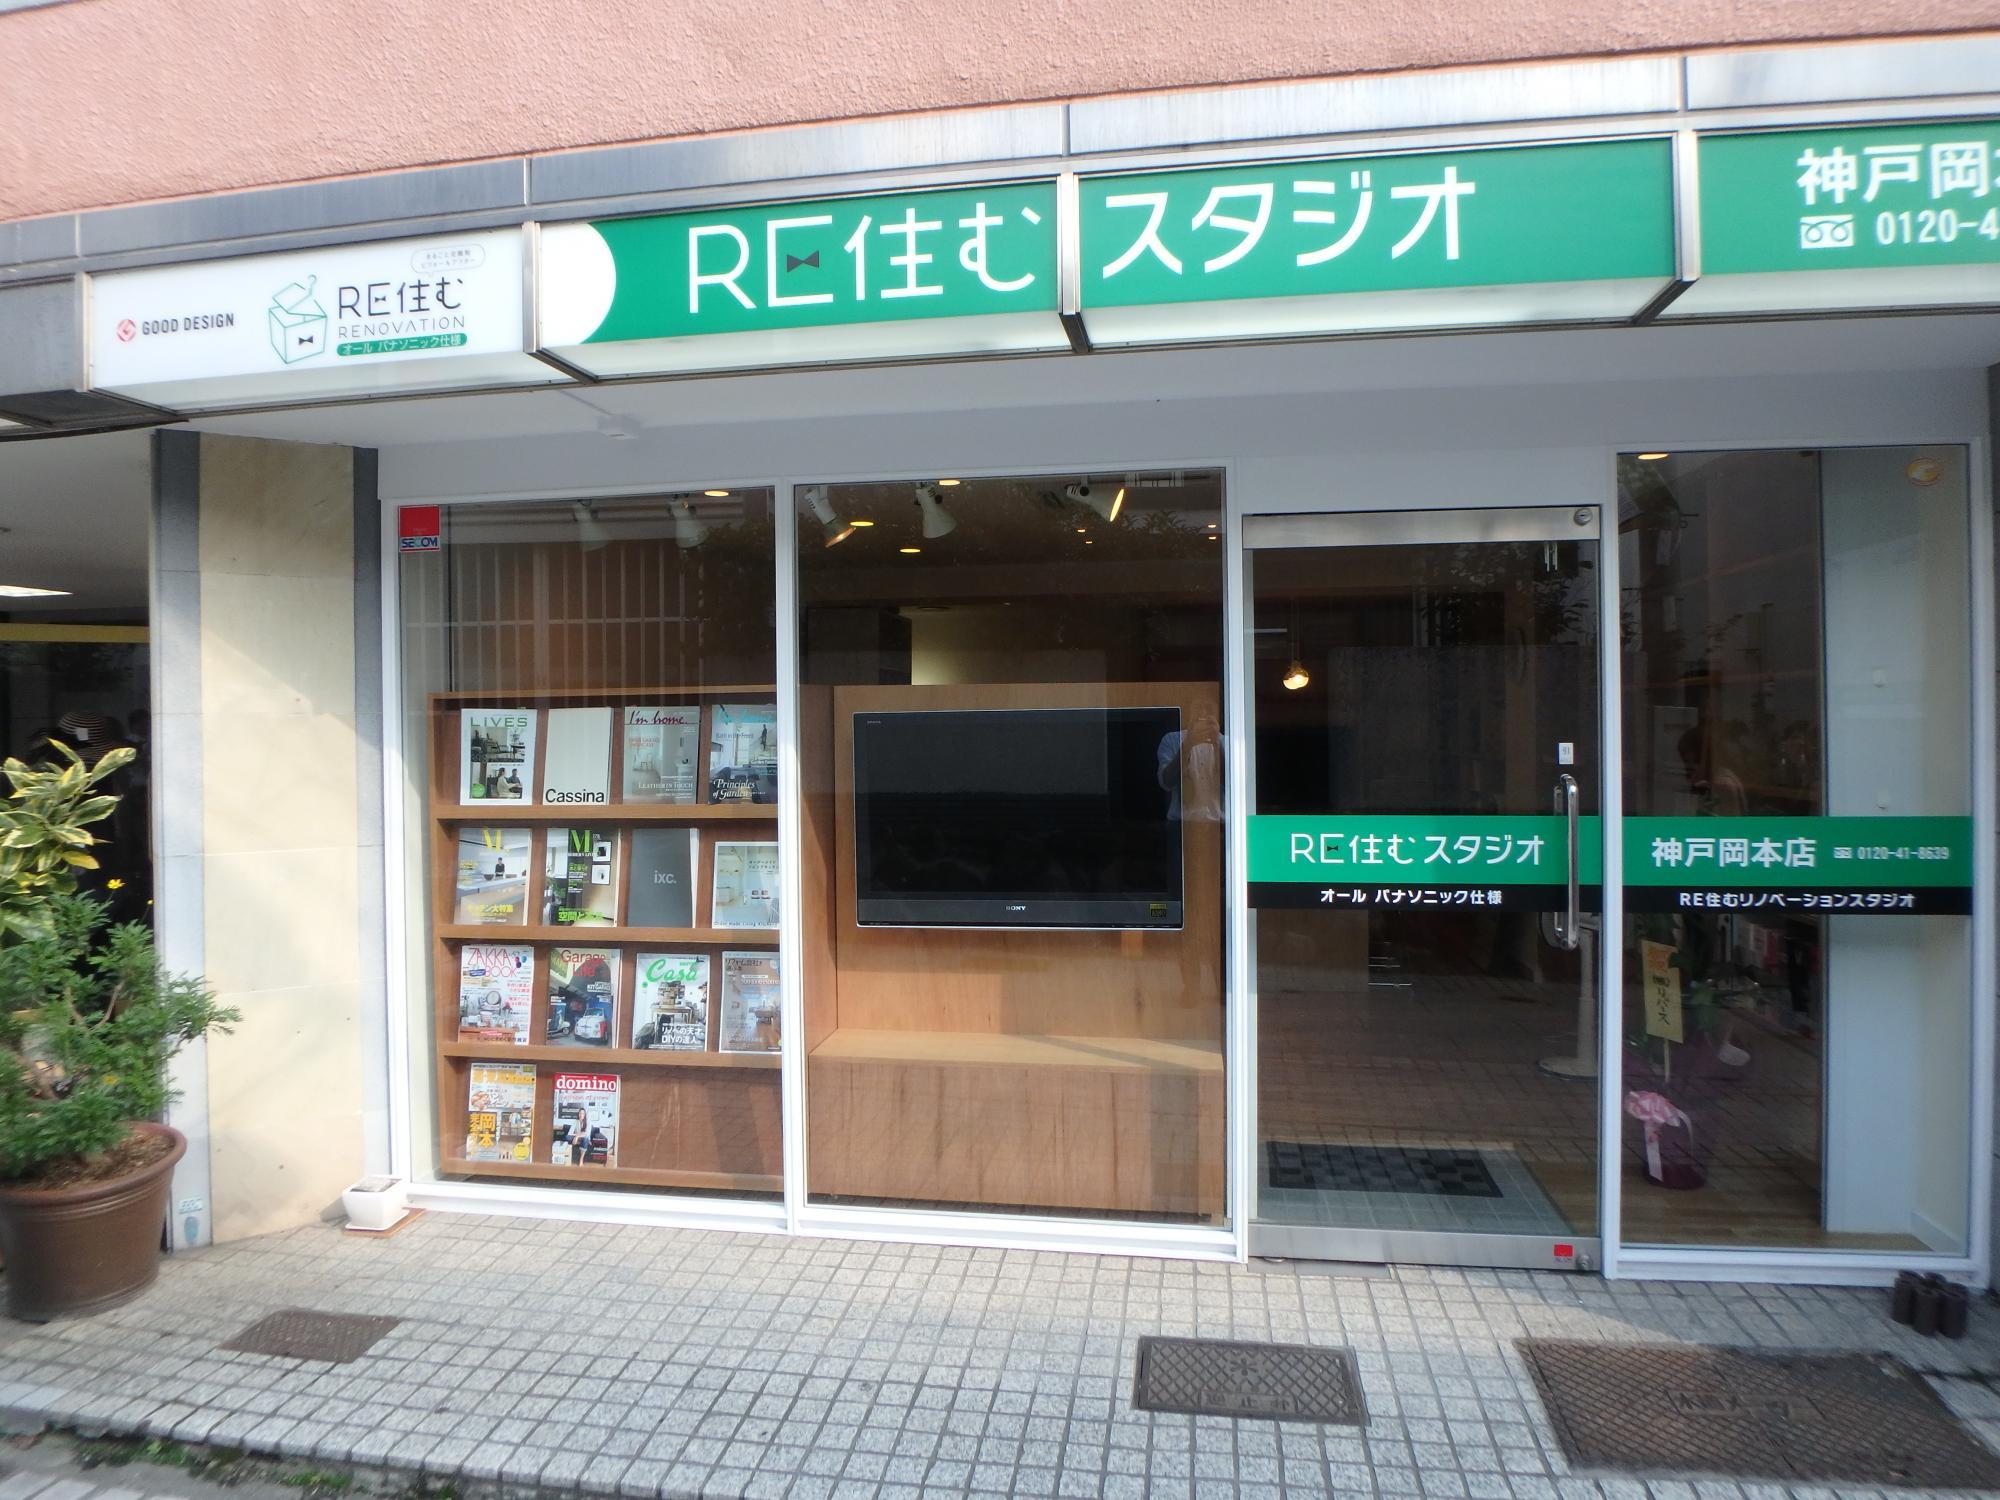 おしゃれな街、阪急「岡本」駅近くのオフィスの写真です。駅徒歩3分で、お仕事帰りにでも御立ち寄り頂けます。